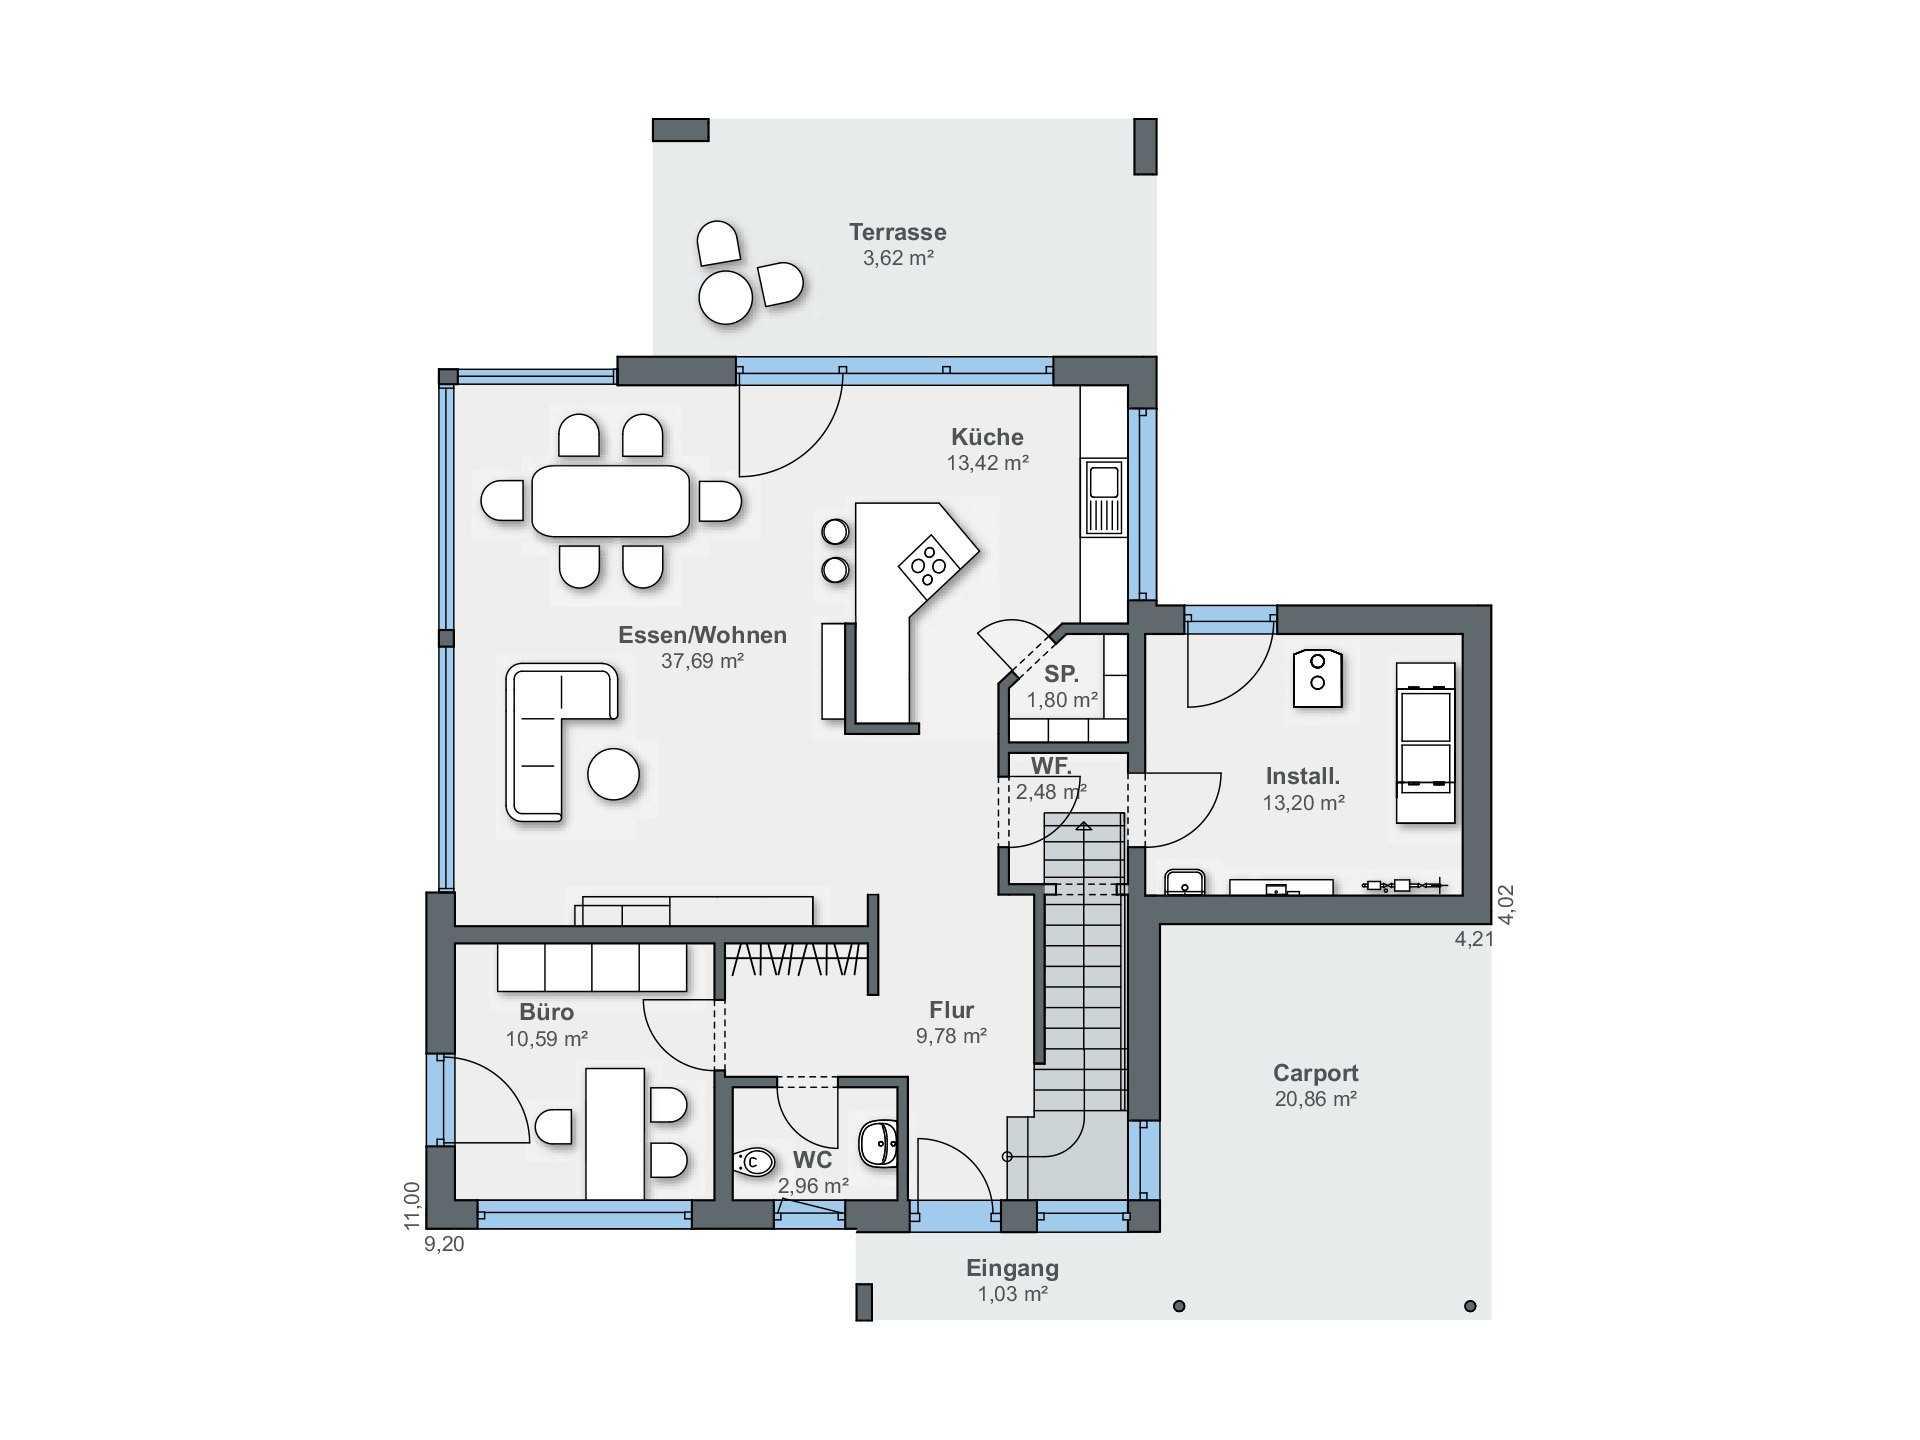 Passivhaus grundriss  Passivhaus planen und bauen   Informationen und Tipps   Musterhaus.net